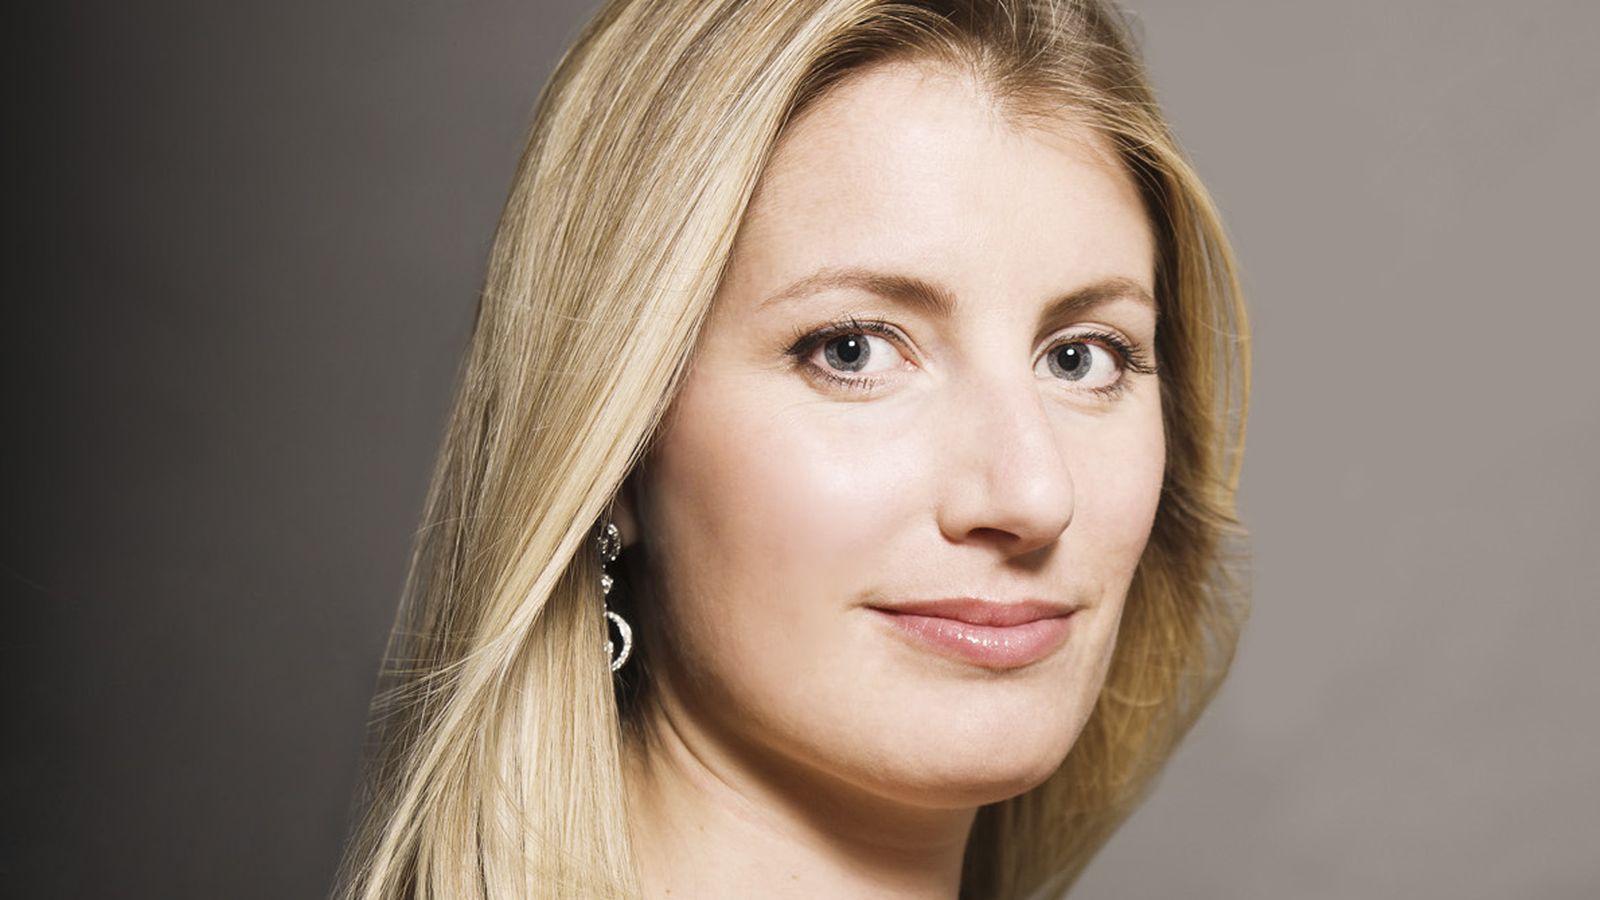 Alexis Maybank